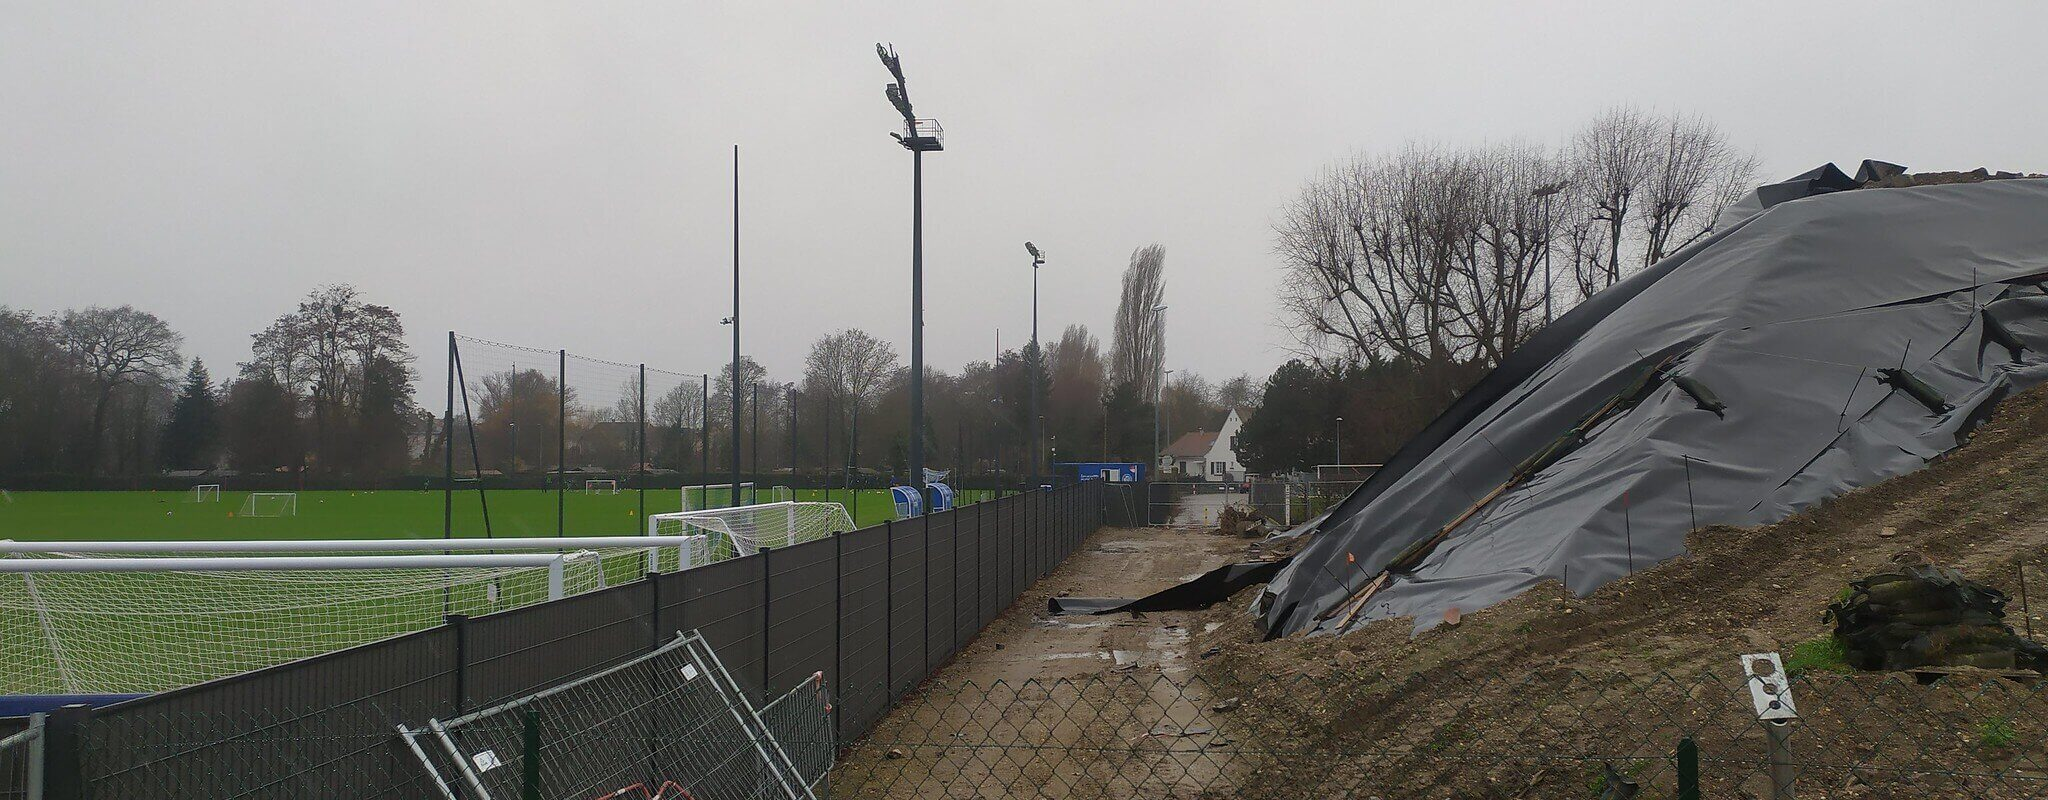 Presque oubliée de tous, une piste cyclable coupée pour le centre d'entrainement du Racing bientôt rouverte